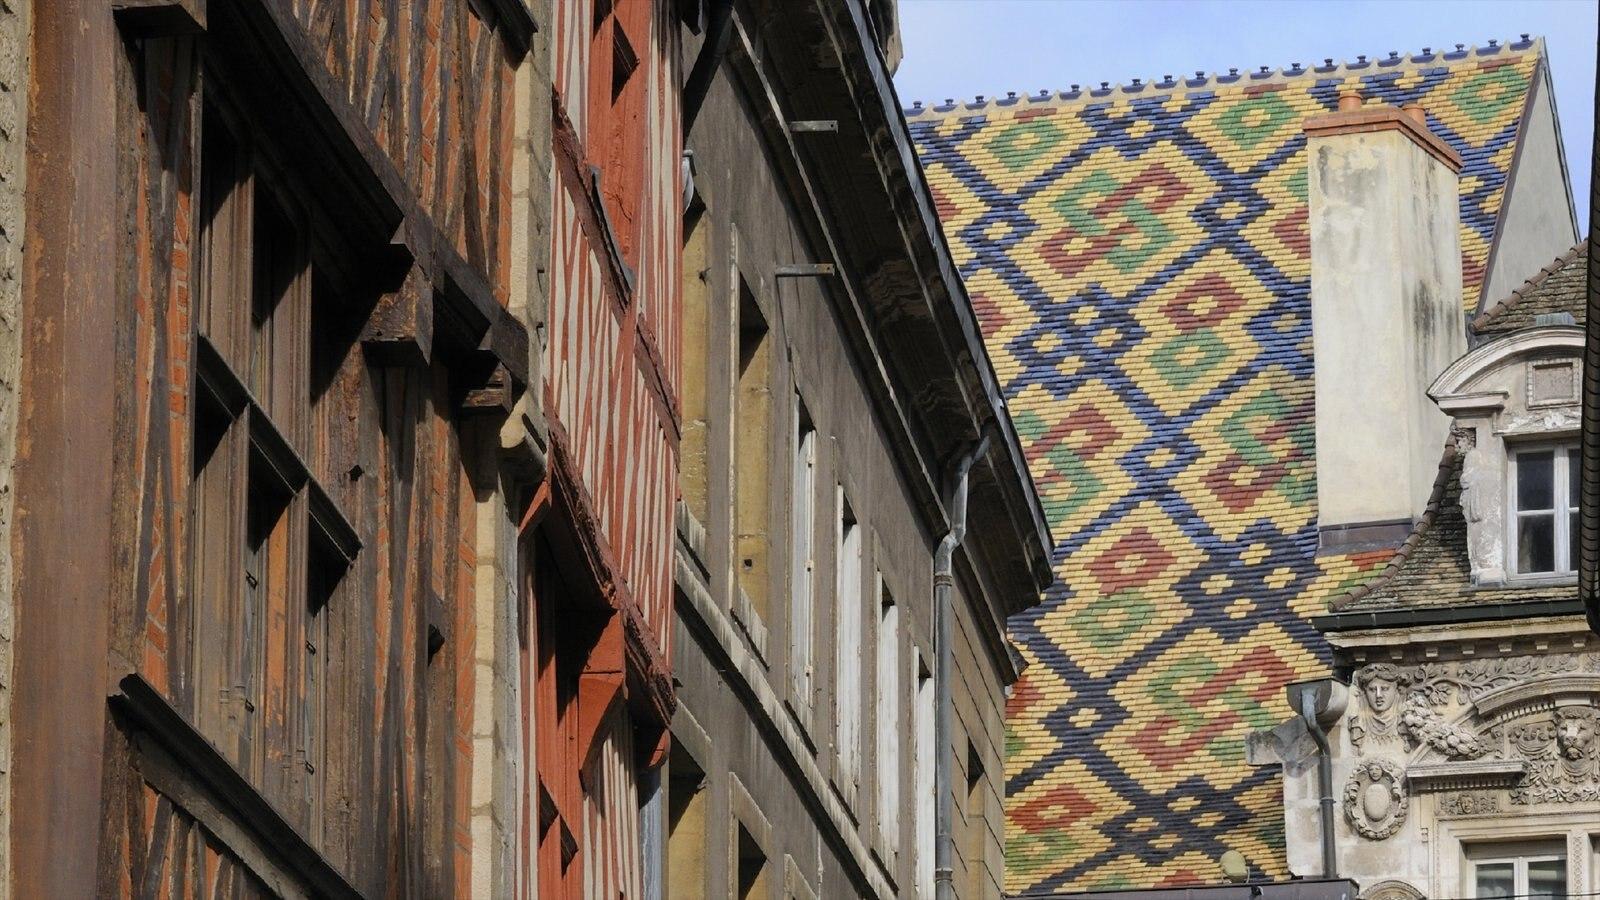 Dijon que inclui uma cidade, uma casa e arquitetura de patrimônio